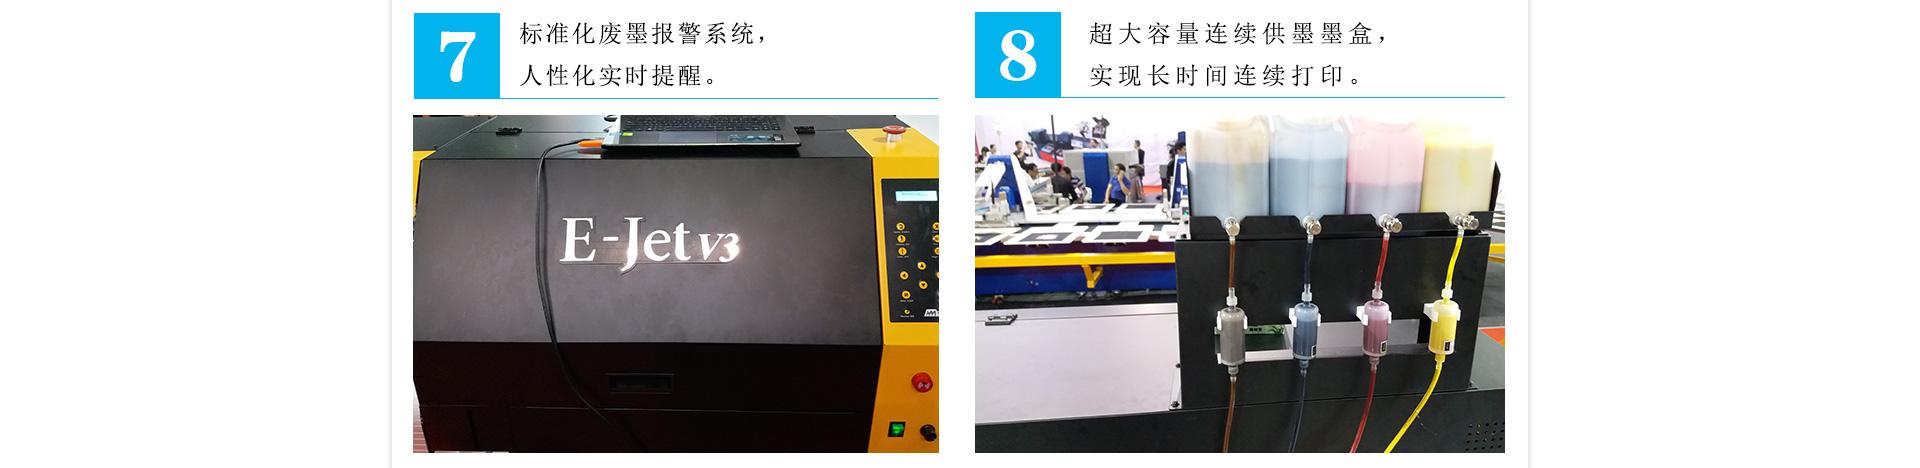 黑迈 E-Jet V3 高精度数码印花机